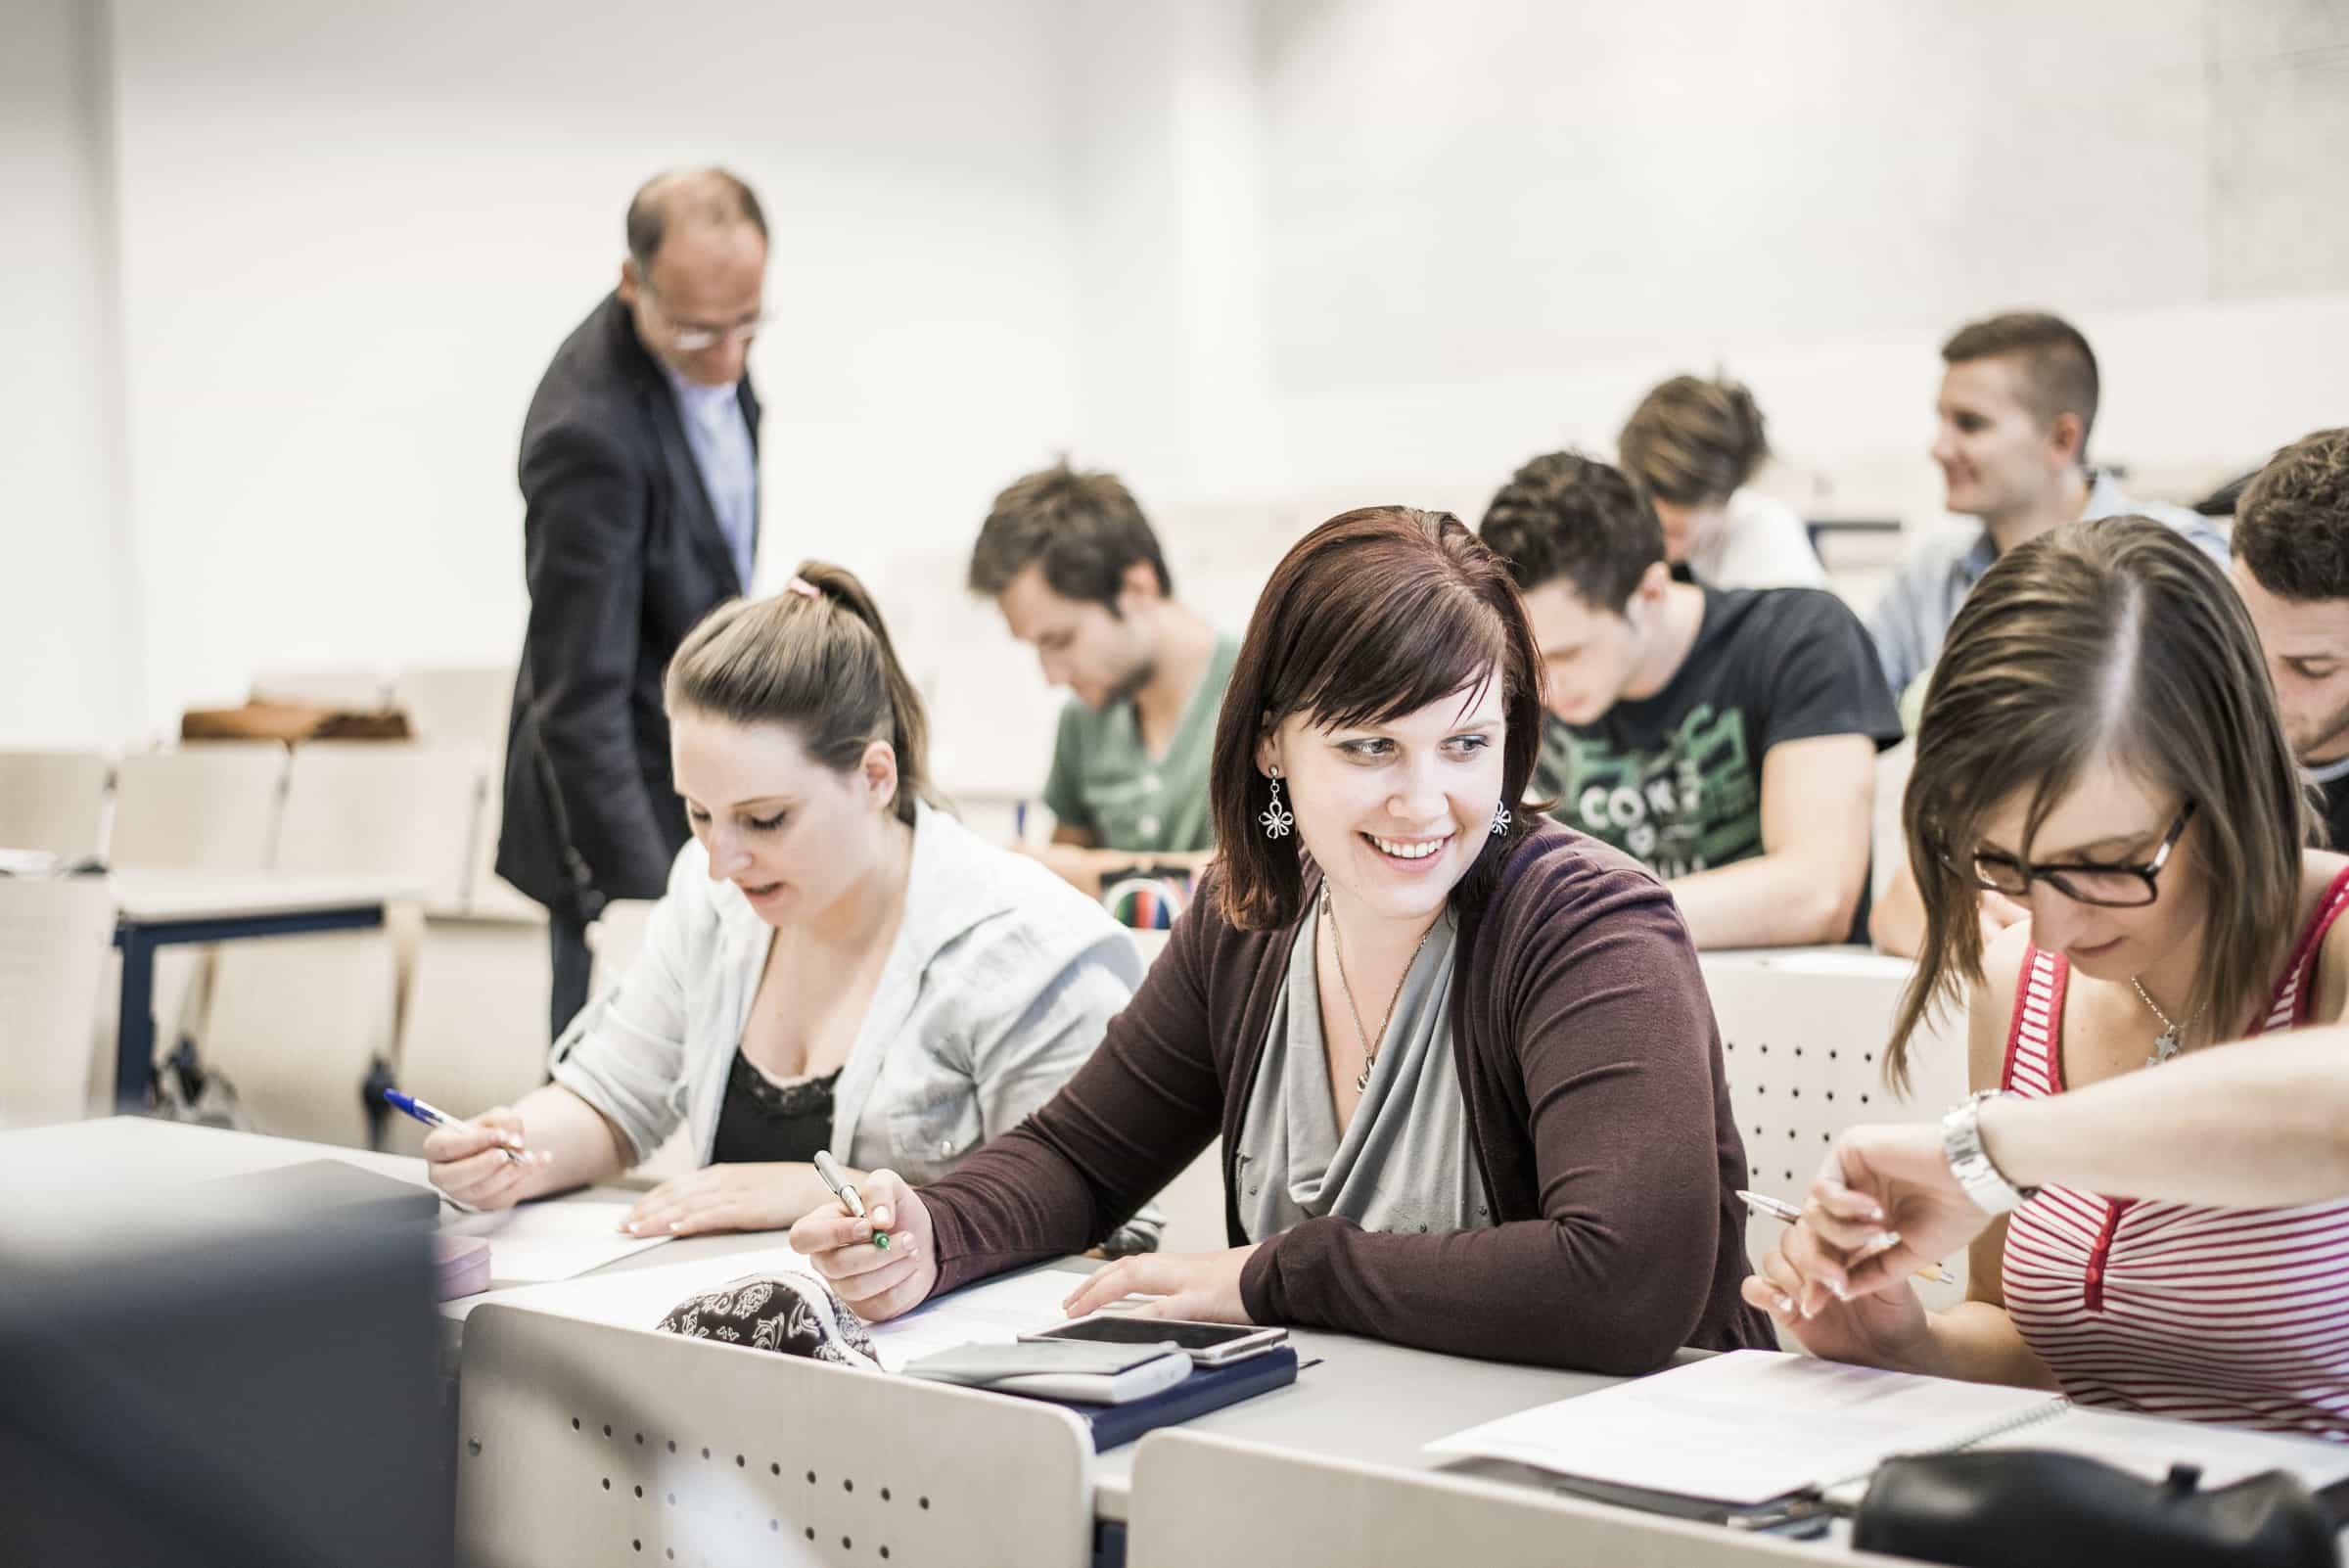 Foto mit Studierenden in einem Hörsaal.